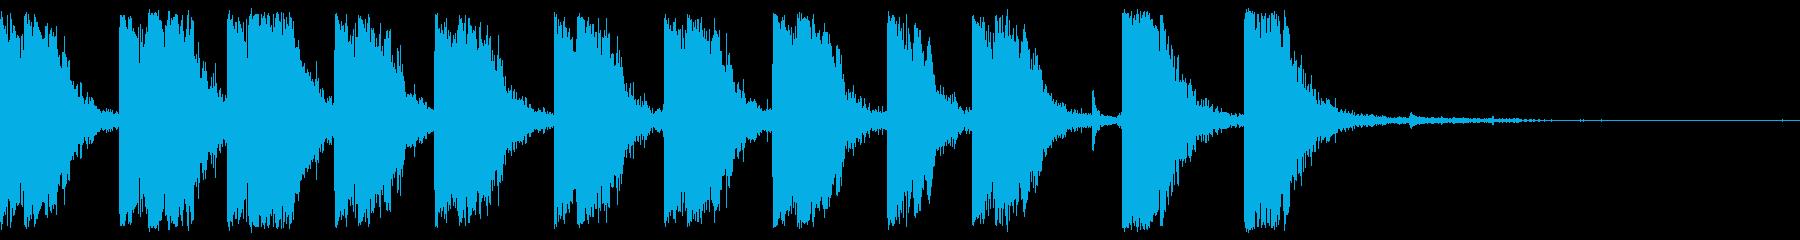 マシンガンショットバーストファイアの再生済みの波形